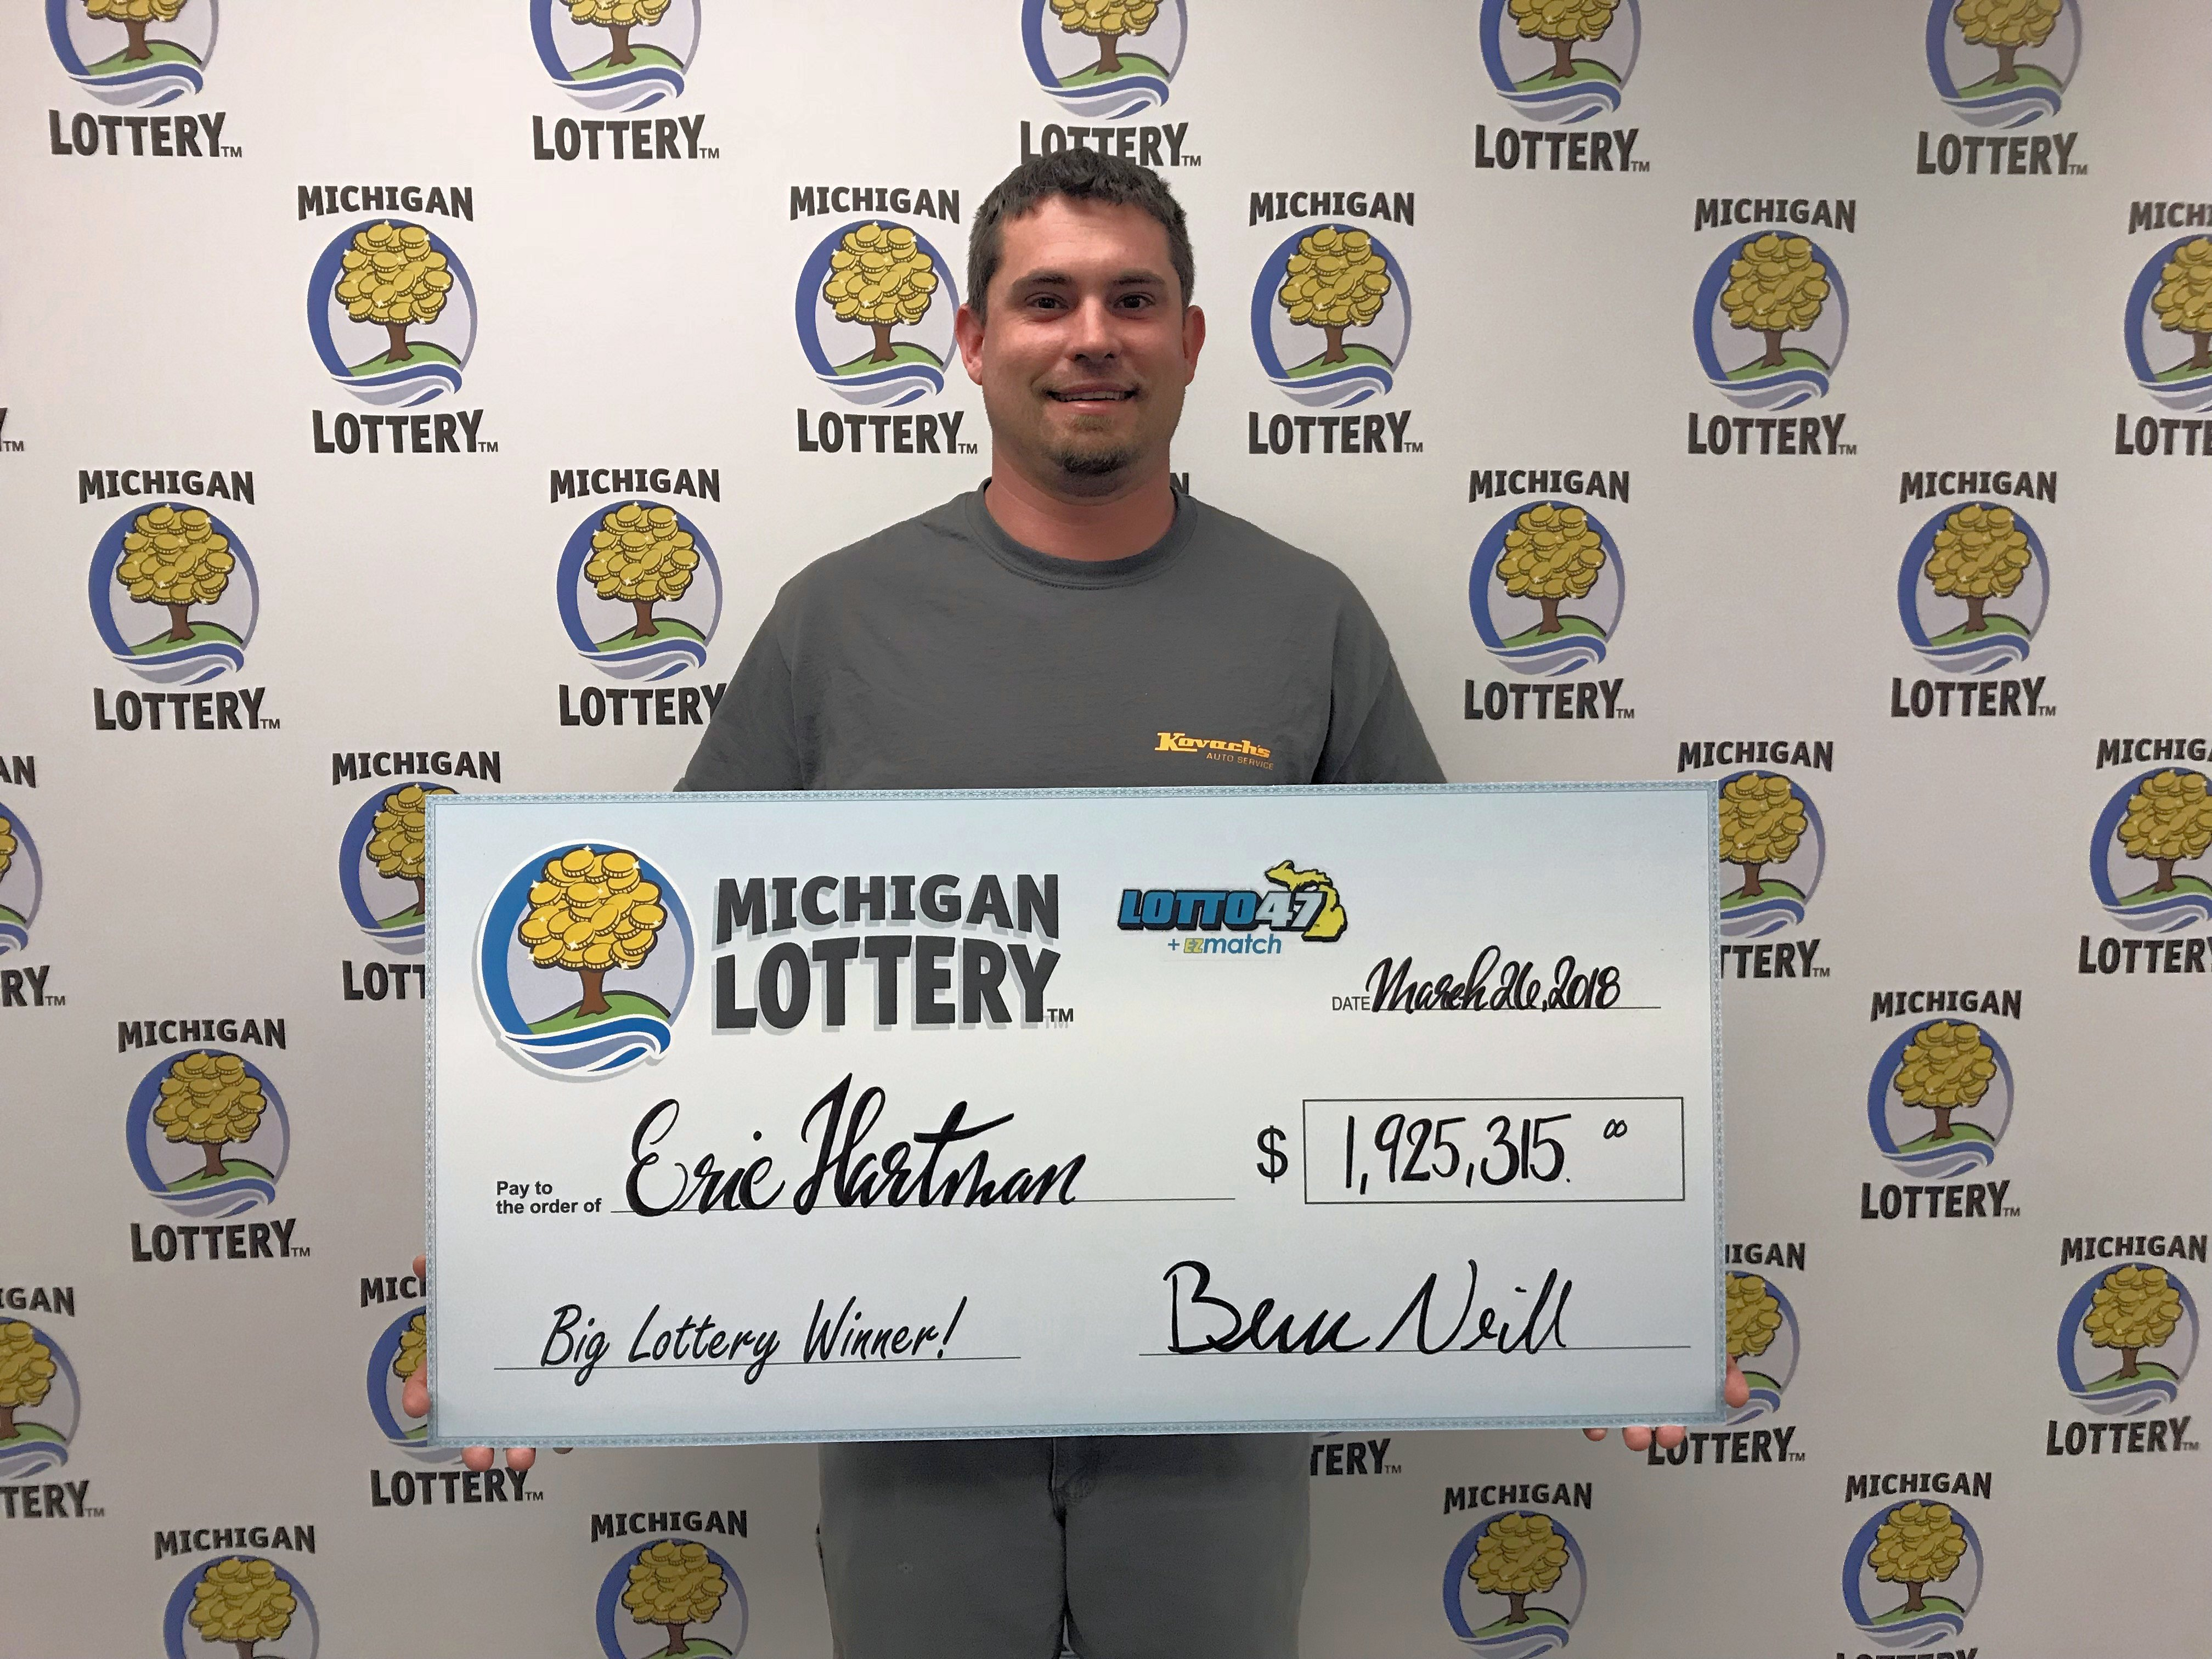 Lotto 47